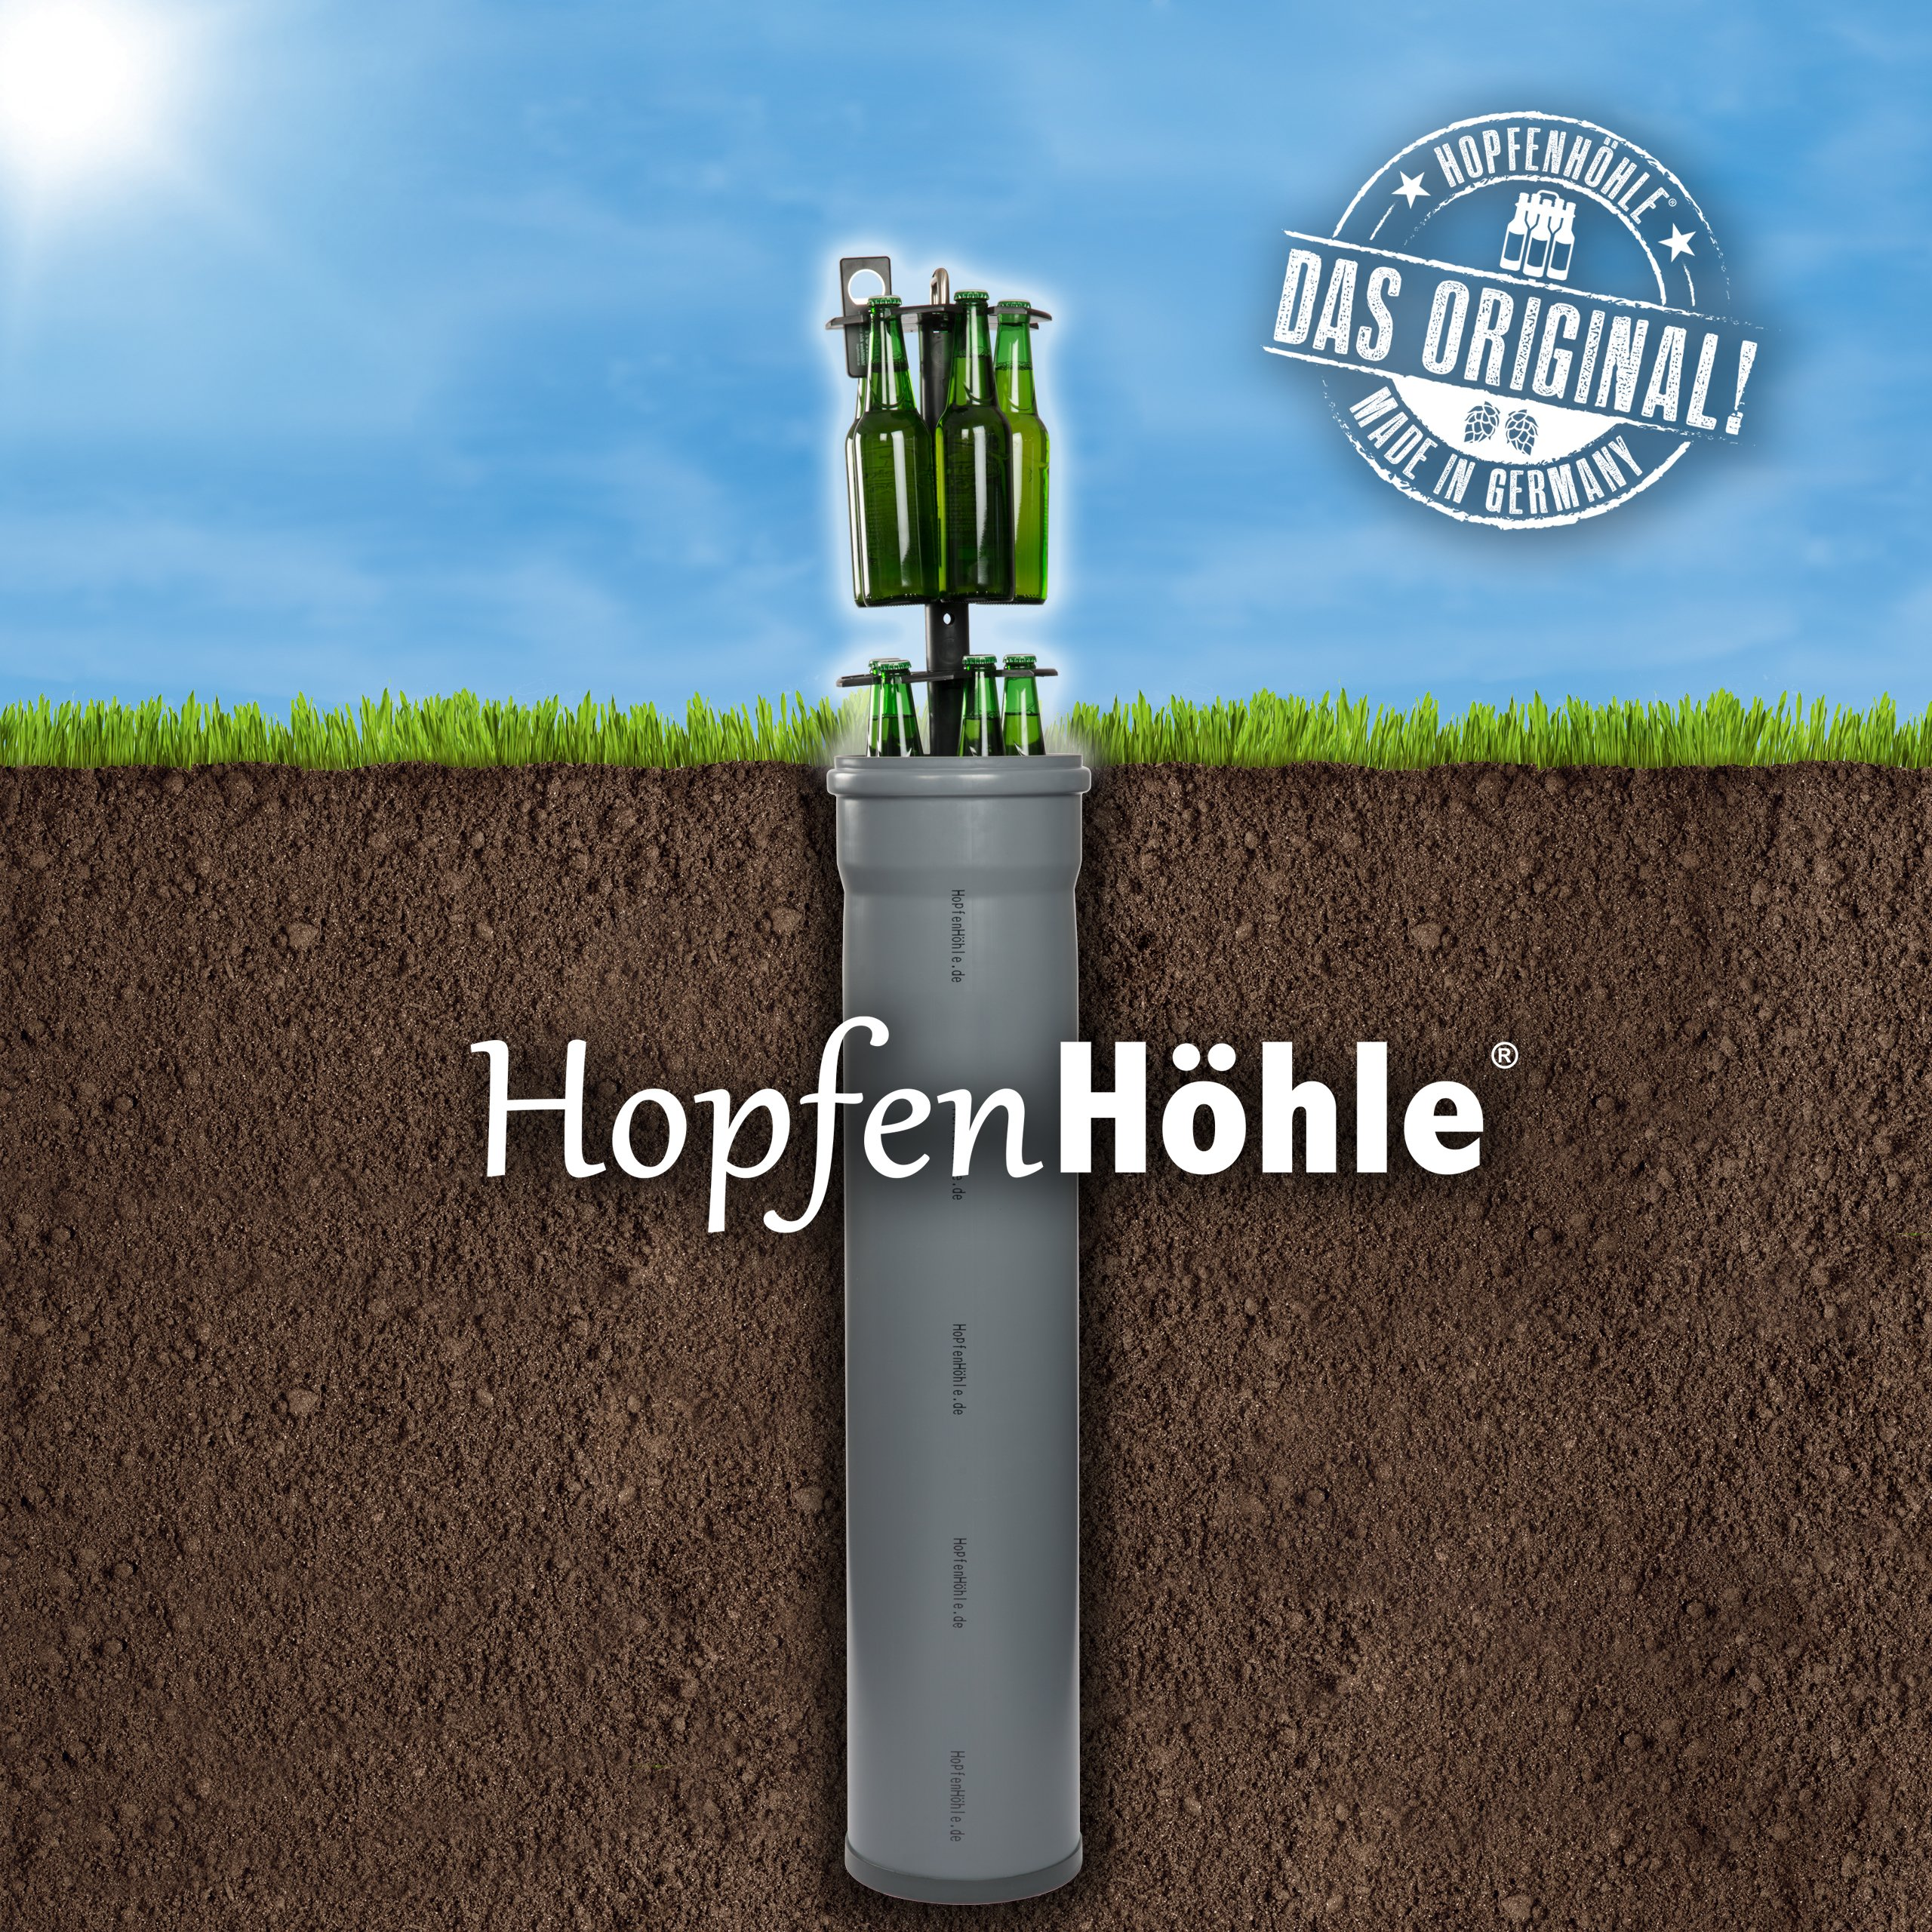 Hopfenhöhle Enfriador de Cerveza en el Suelo: Amazon.es: Jardín